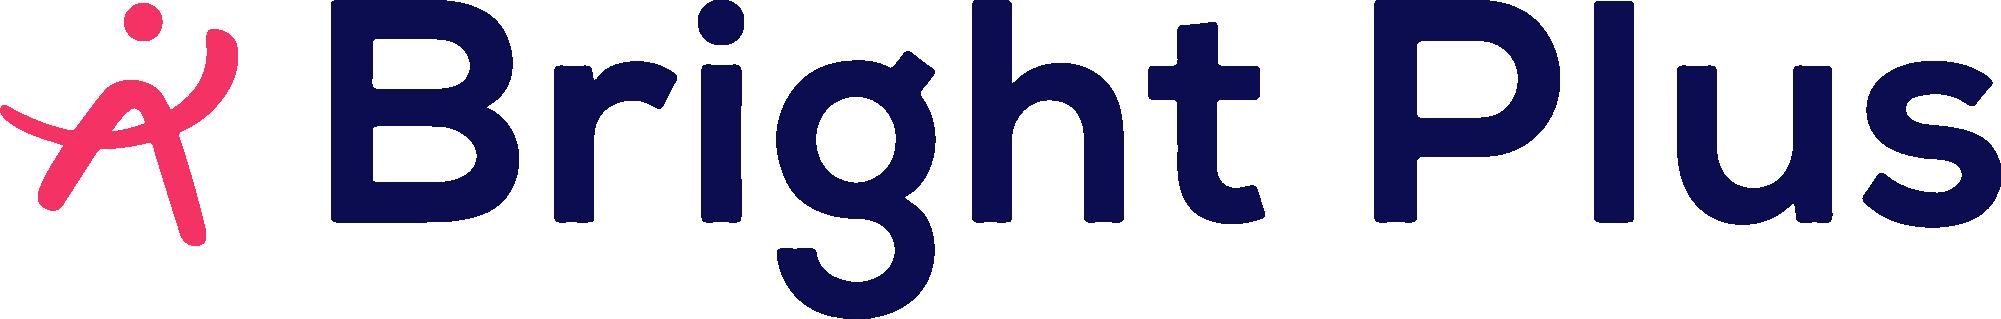 Bright Plus logo